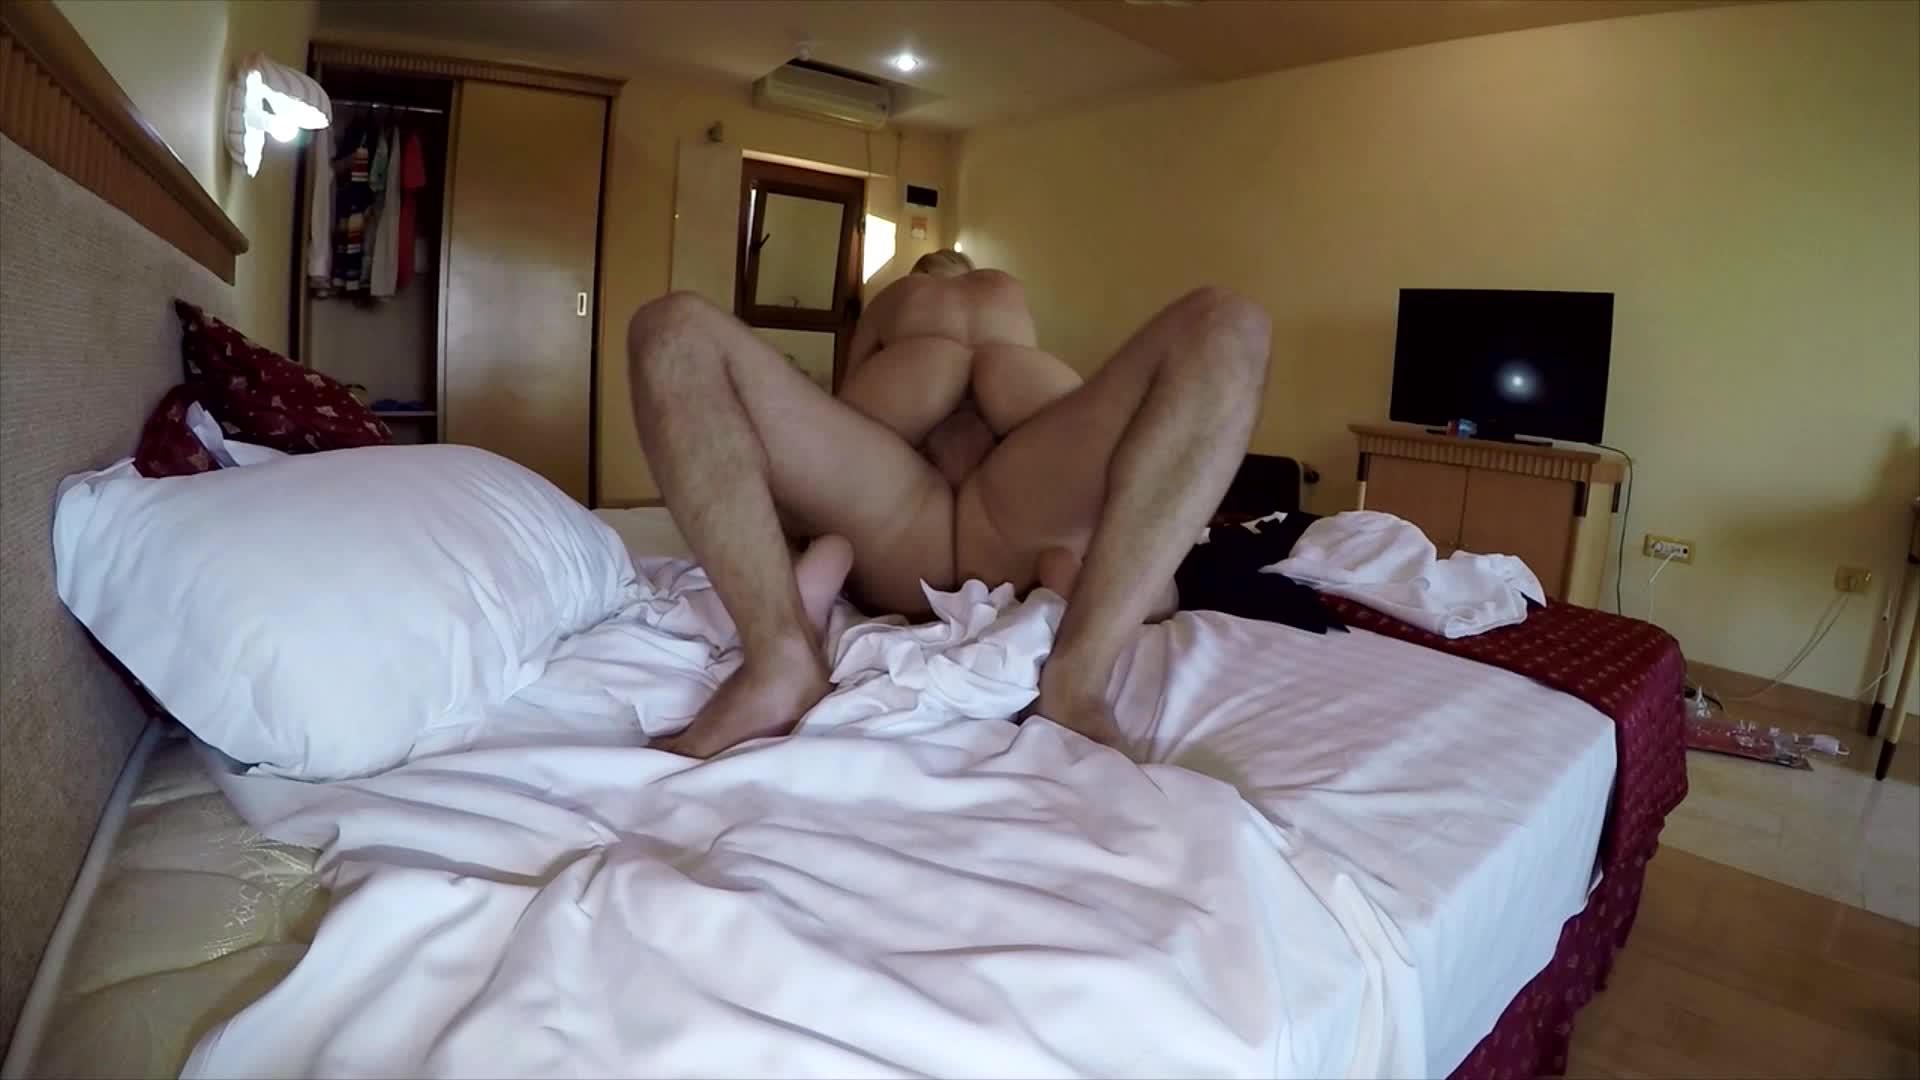 Private Sex Tape Creampie